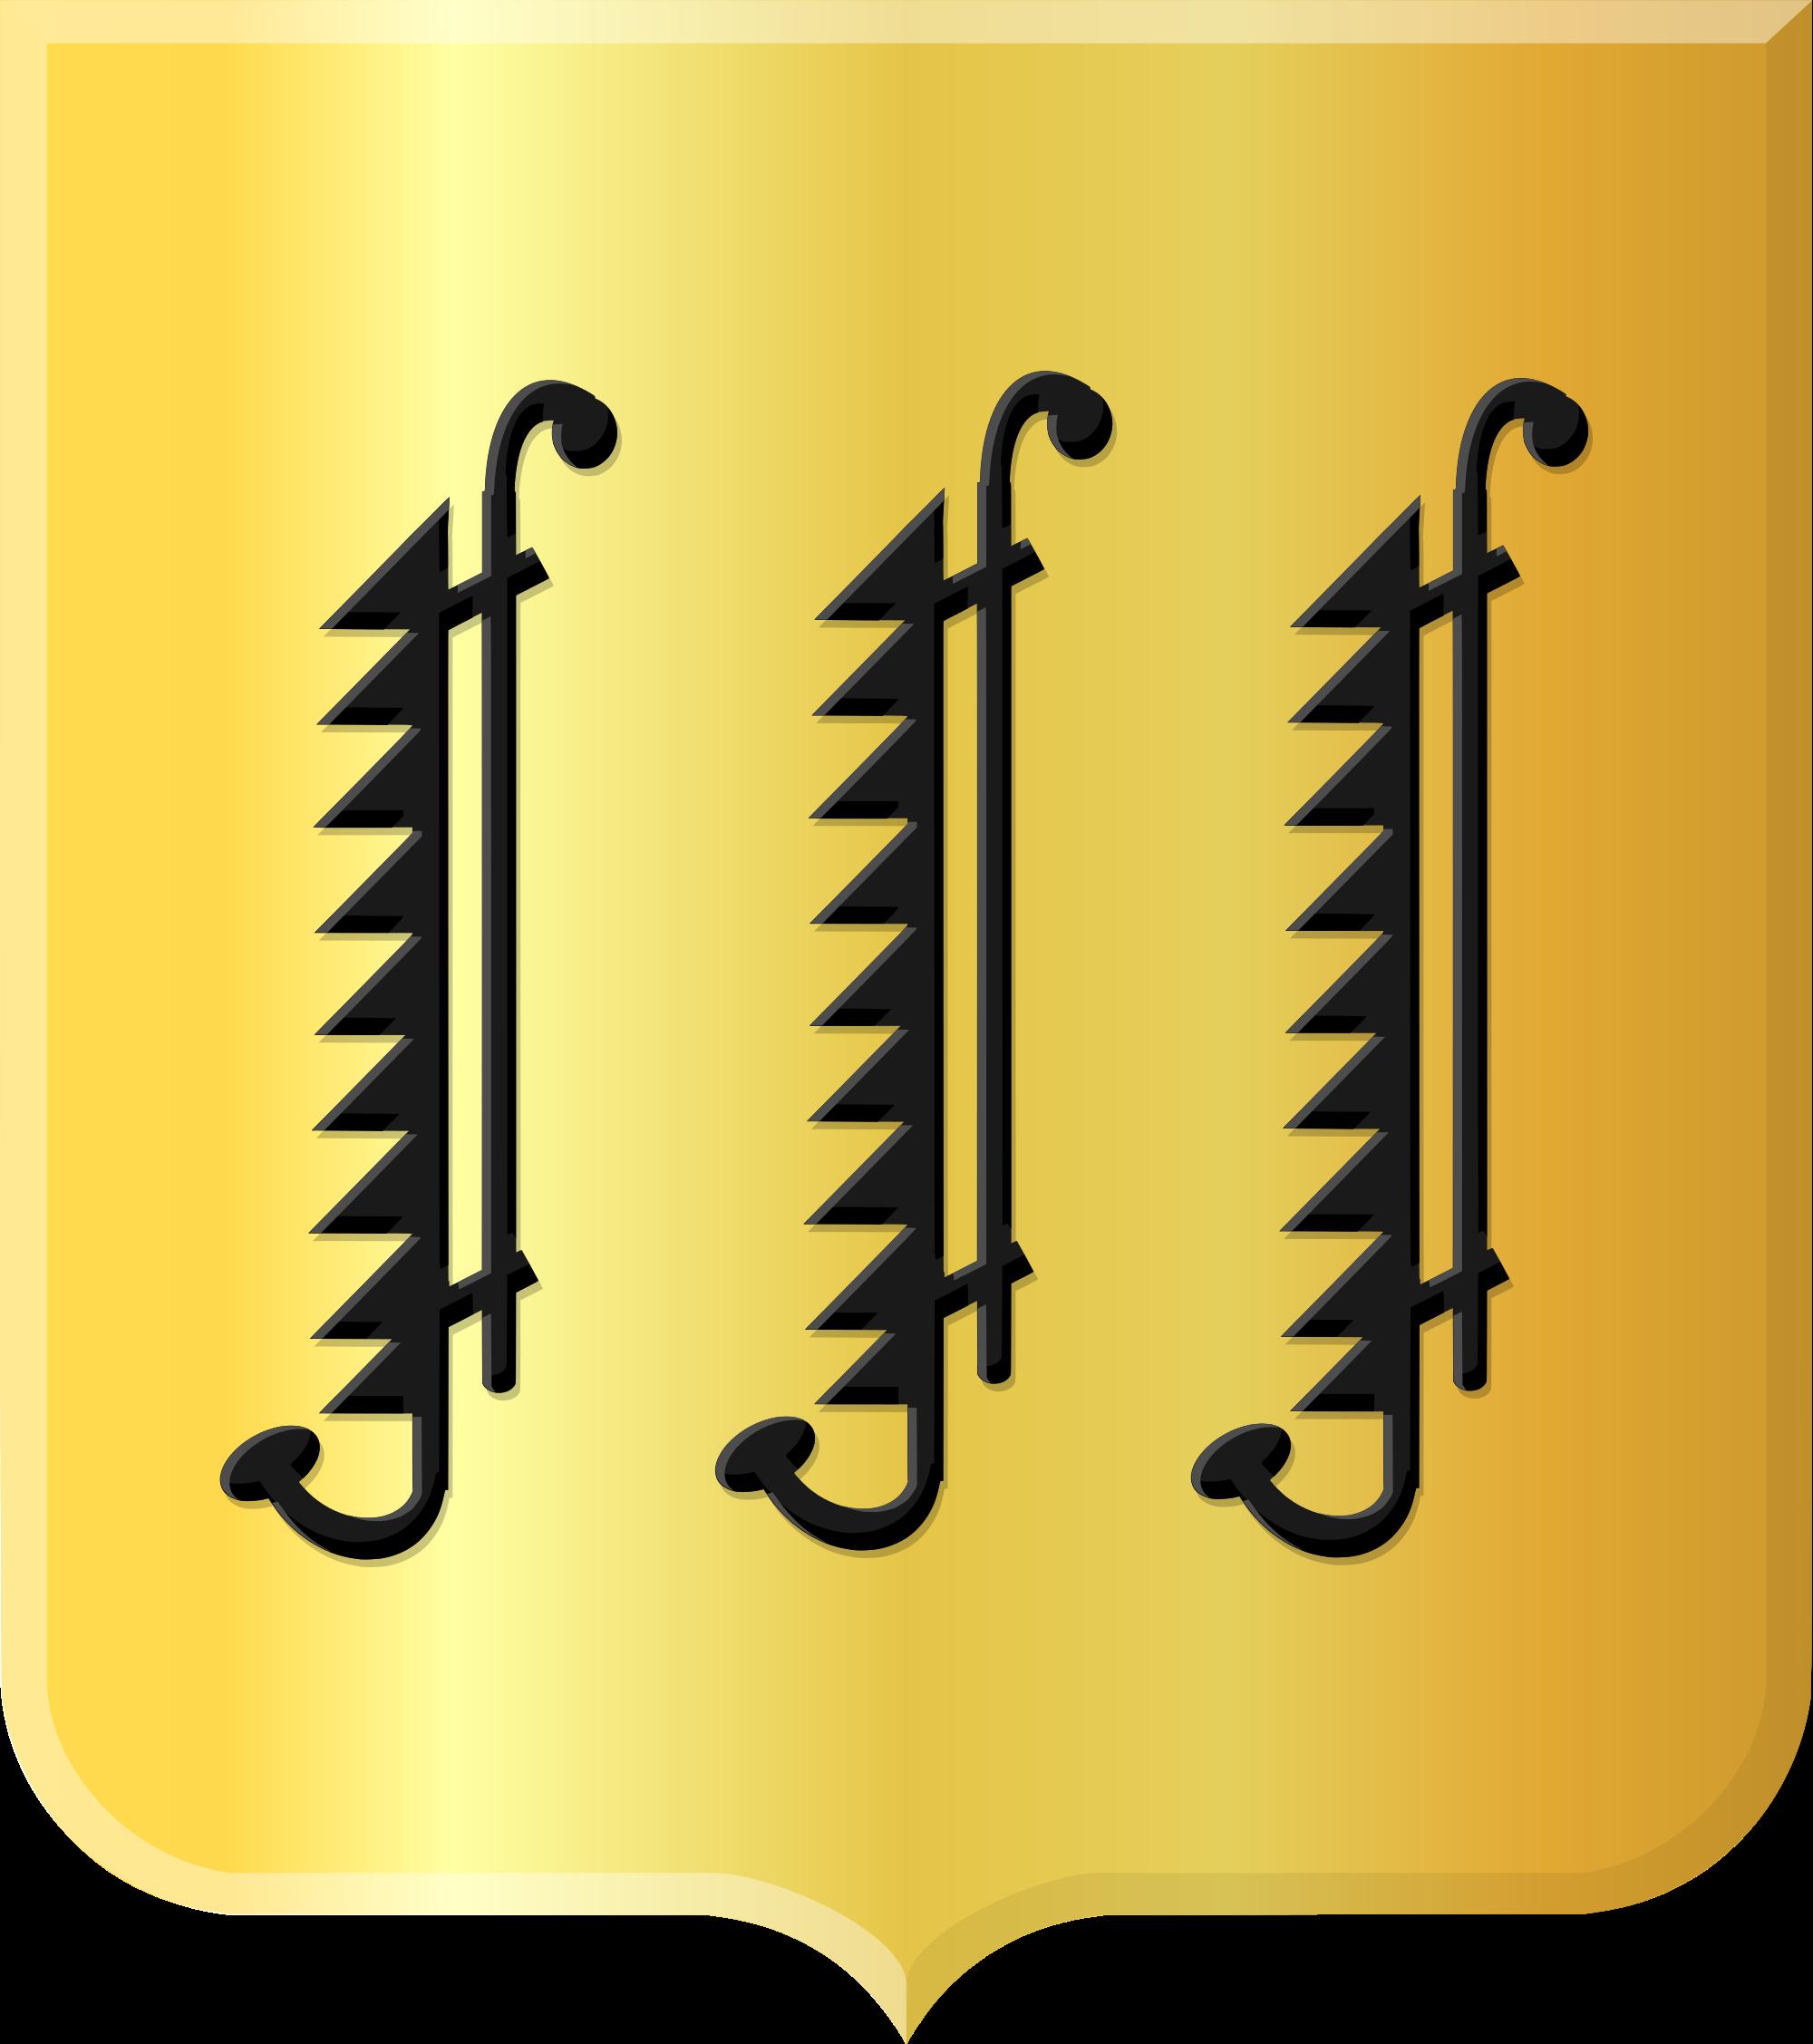 File:Coat of arms of Zwijndrecht (Netherlands).svg.